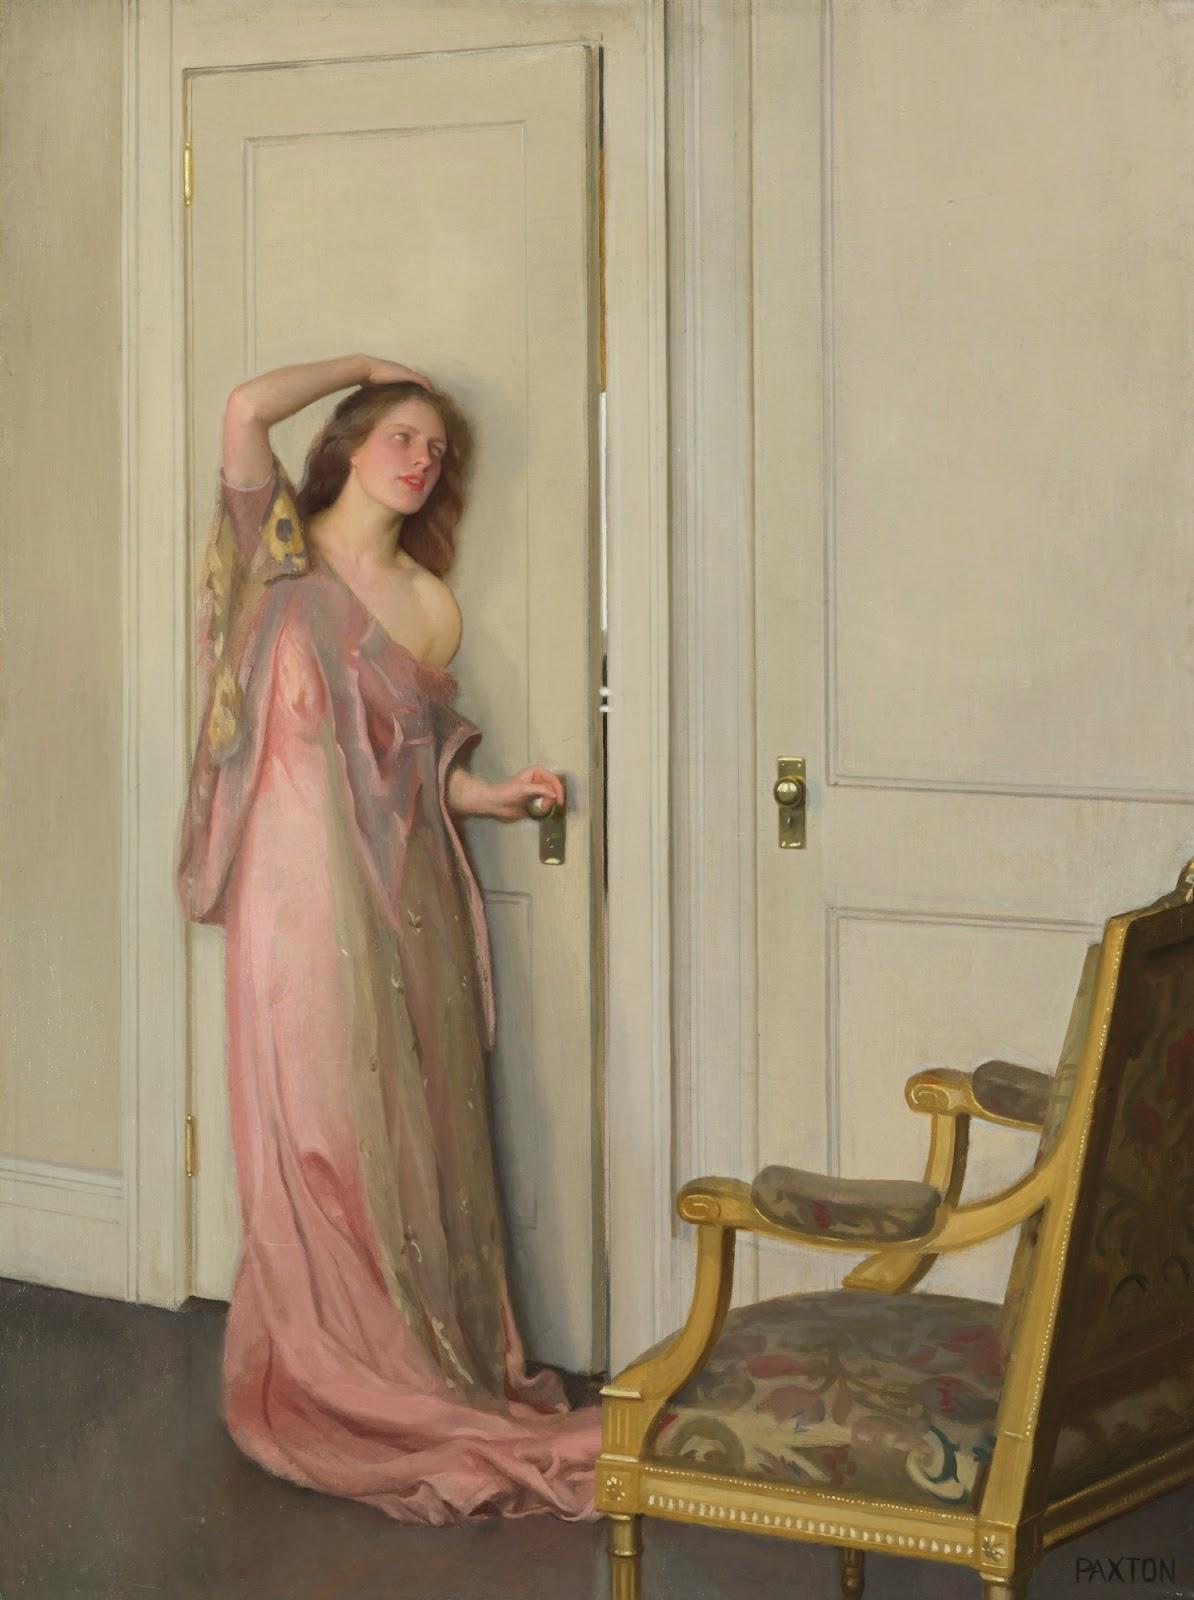 William McGregor Paxton - The Other Door, 1917